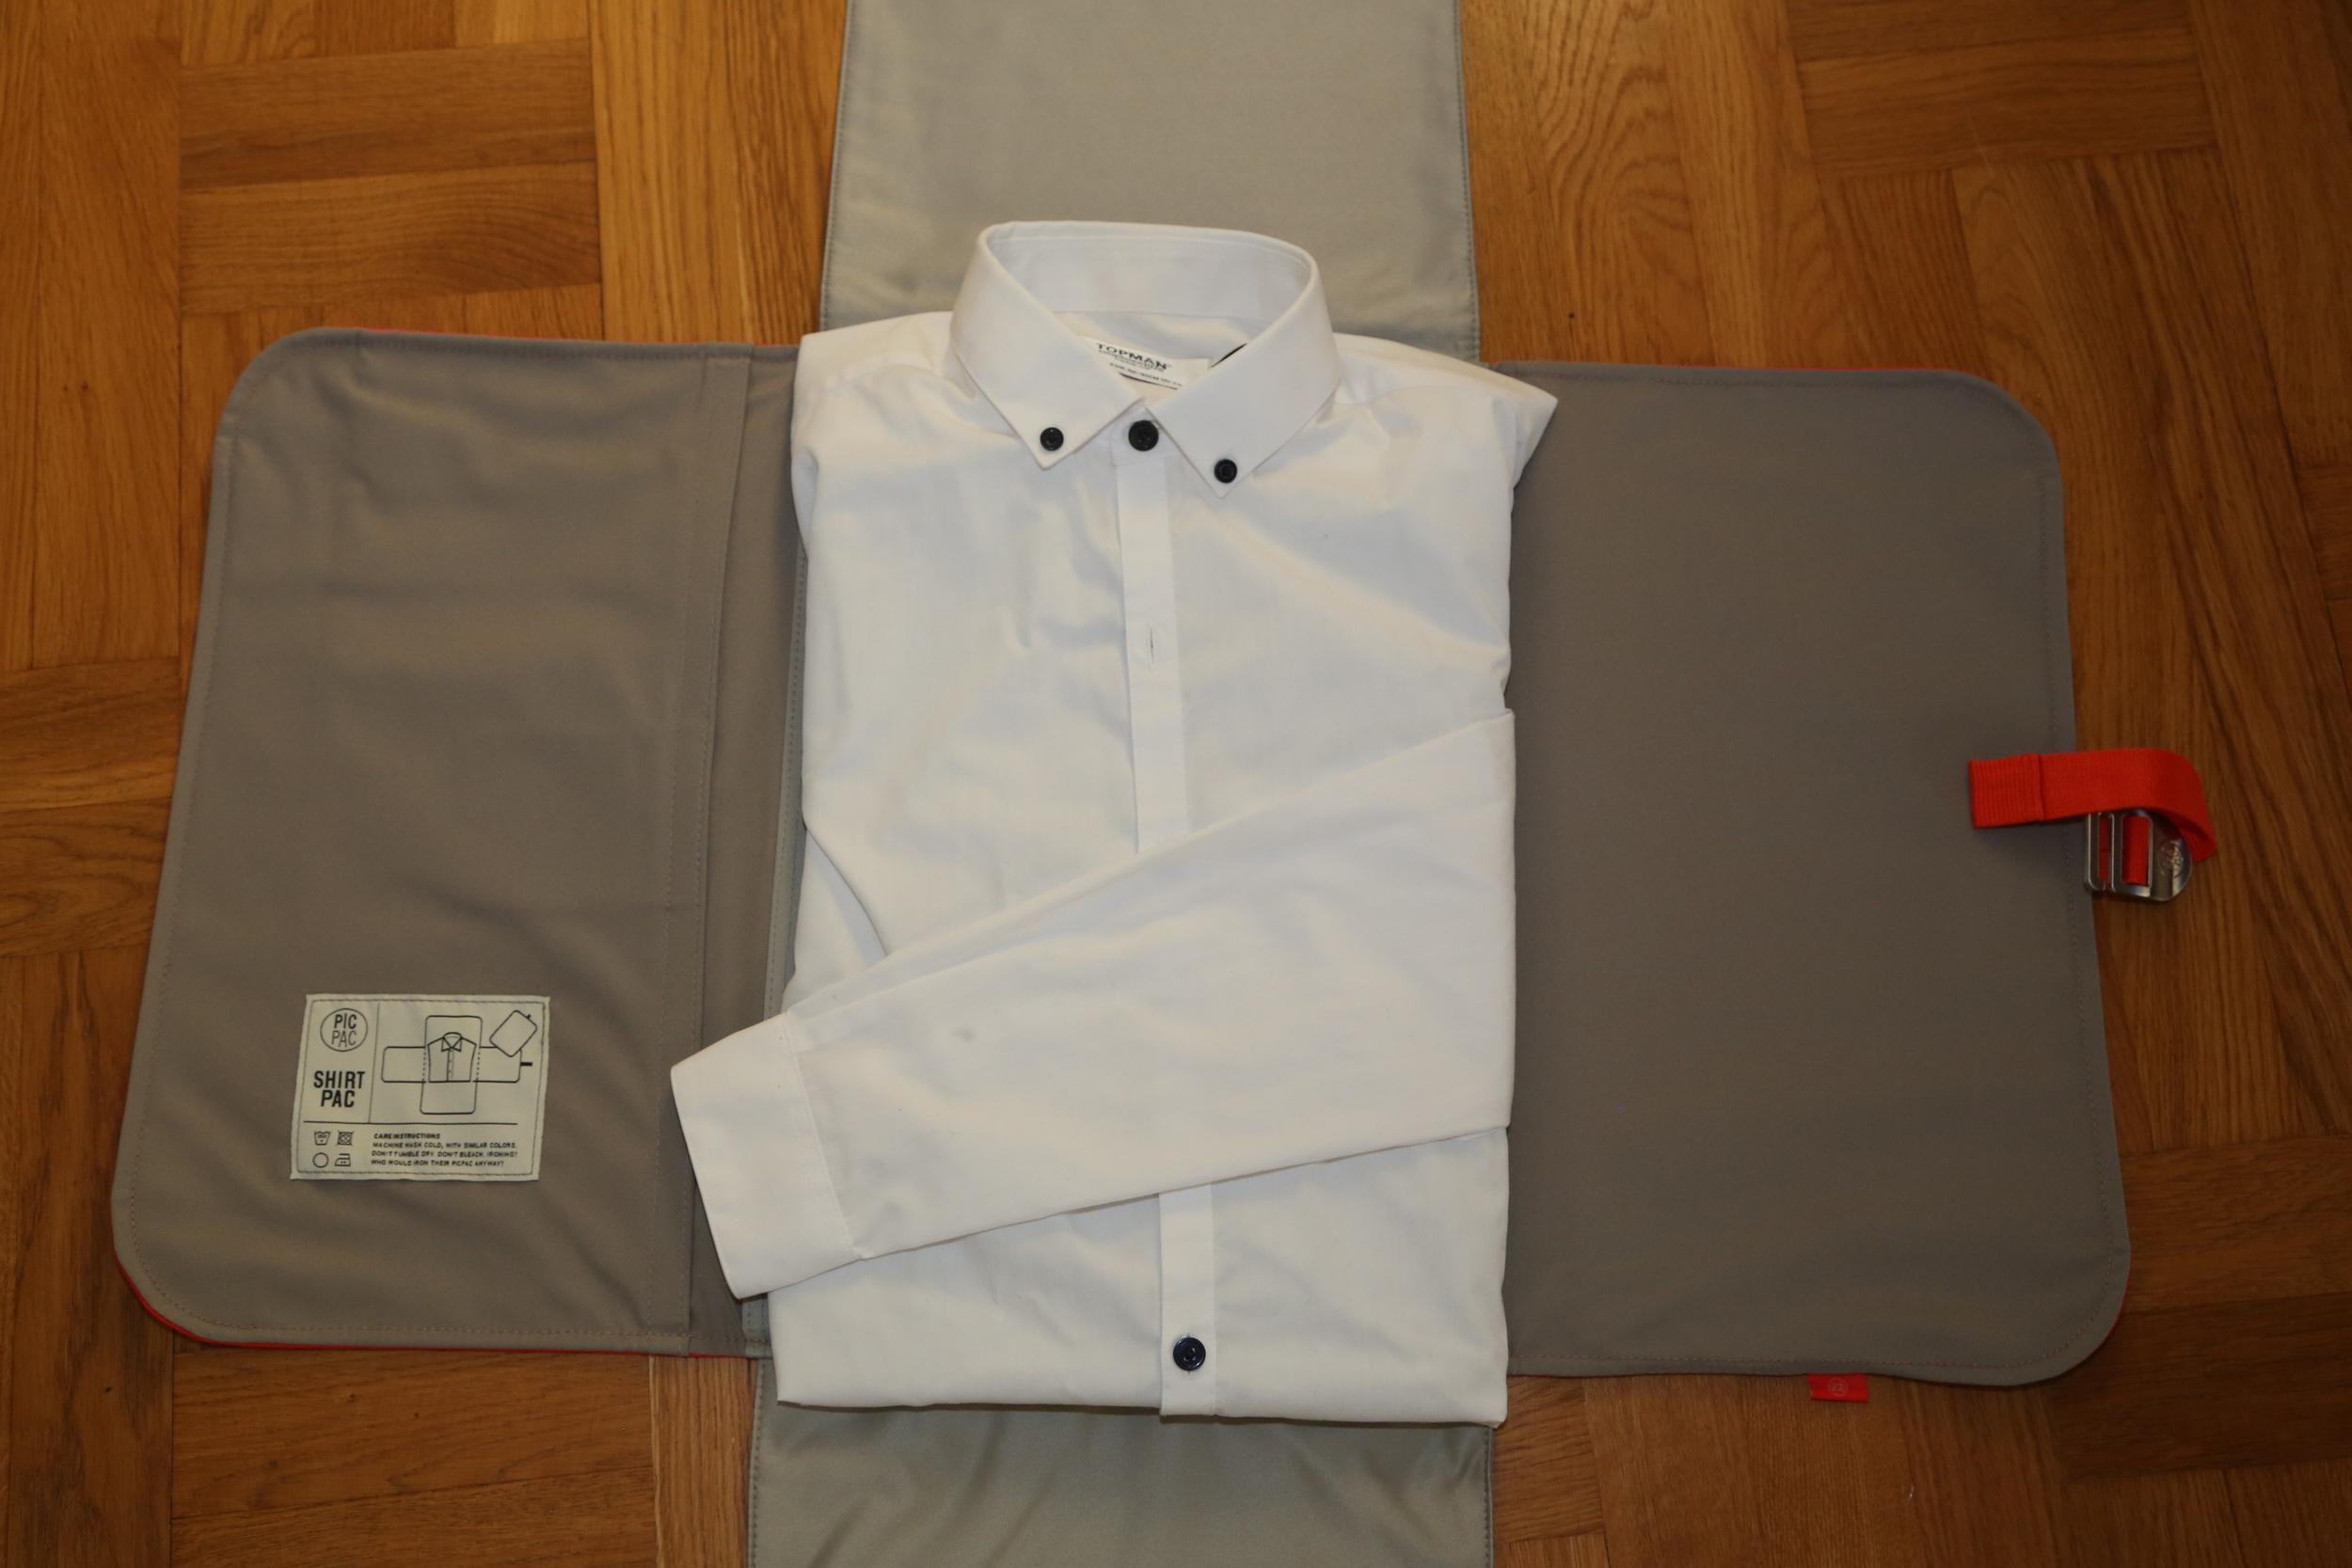 Skjortepakking, for å unngå krøller. Foto: Odd Roar Lange